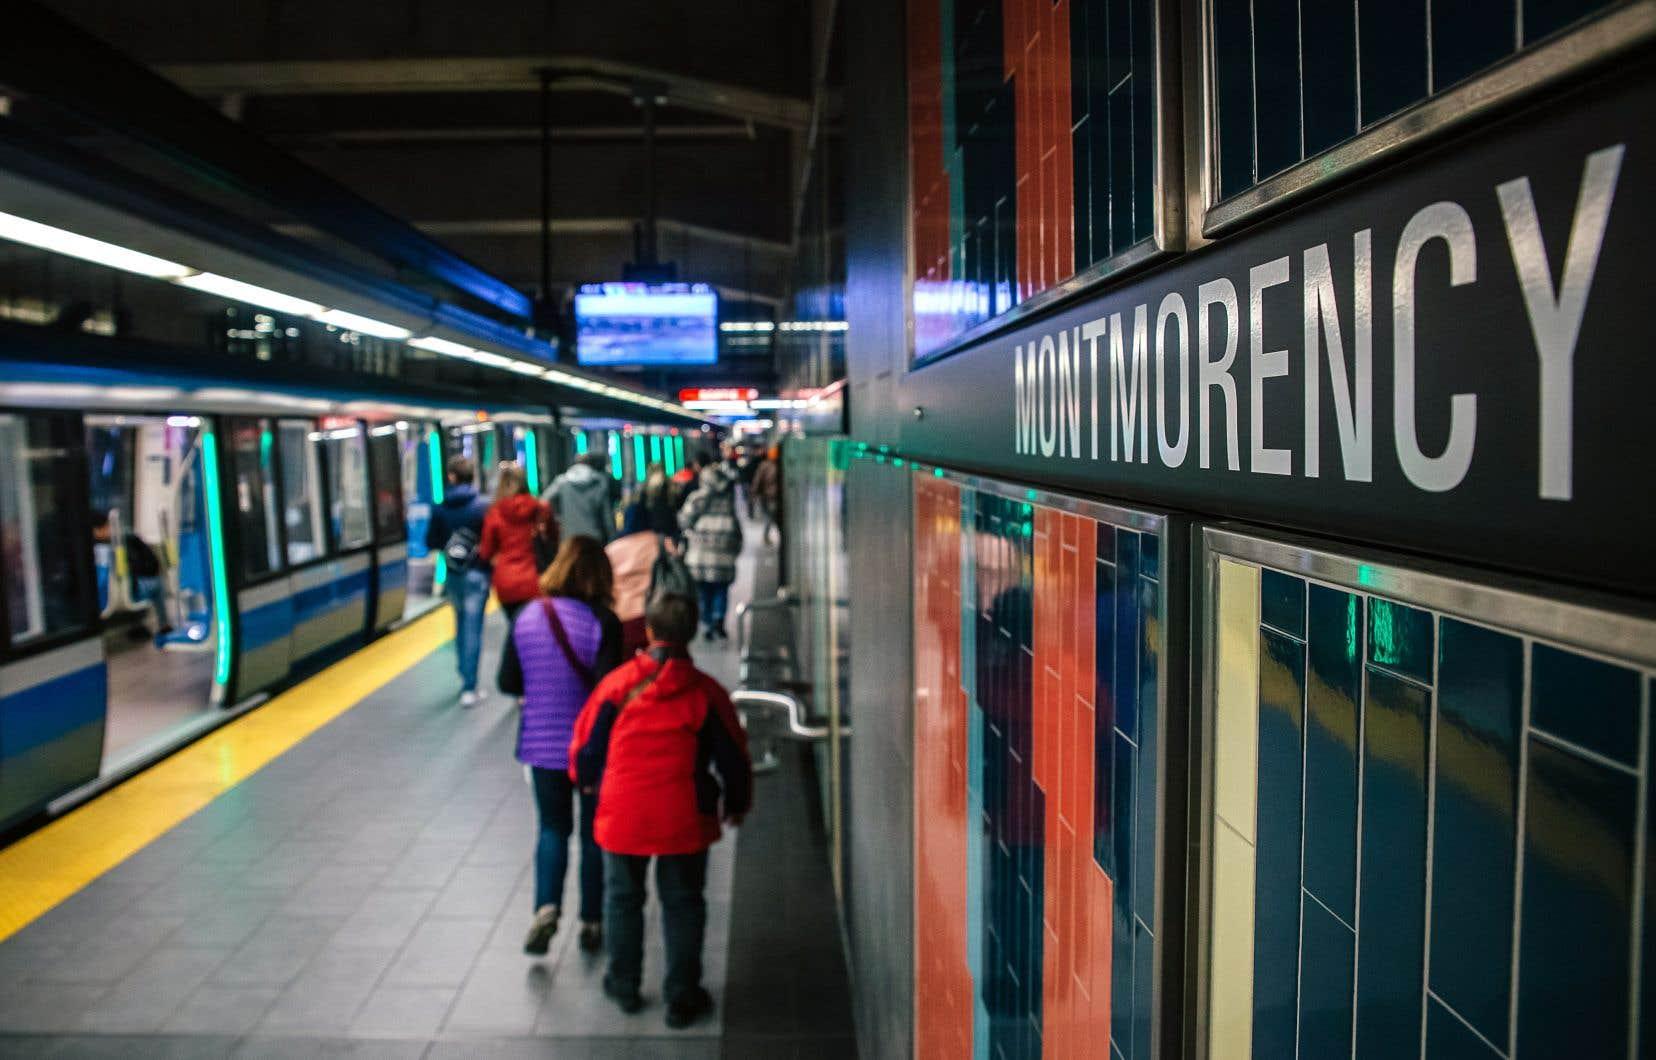 Le prolongement du métro à Laval jusqu'à la station Montmorency, en 2007, est le dernier projet d'envergure qui a été réalisé auQuébec en matière de transport collectif.